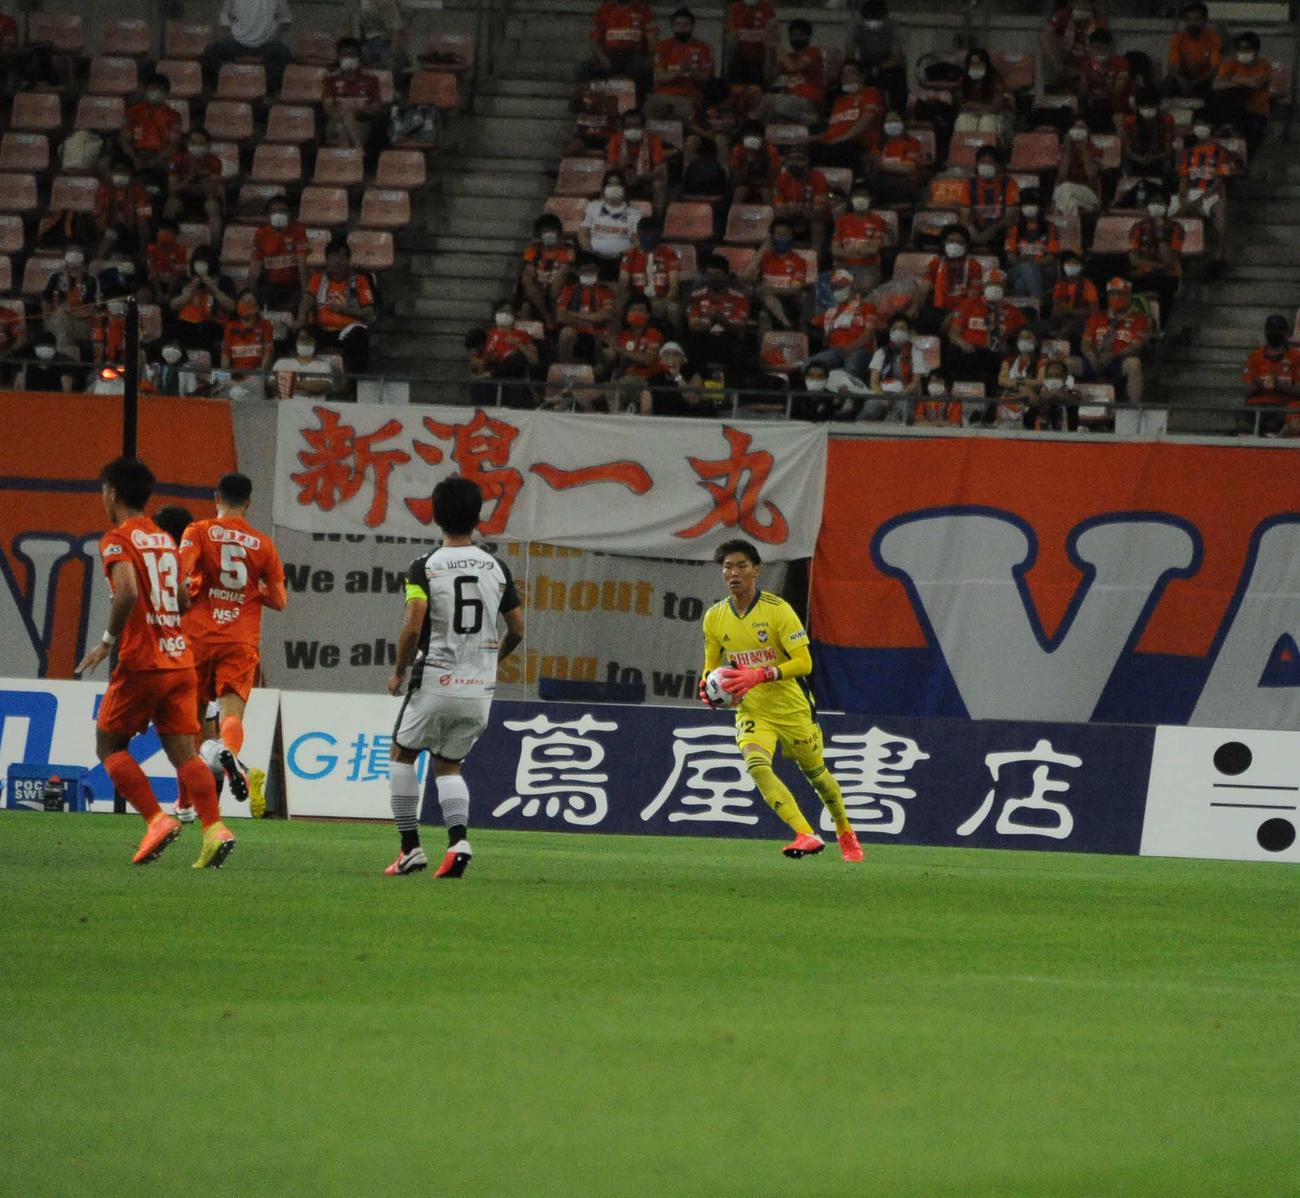 新潟対山口 開幕戦以来、10試合ぶりの出場になったGK小島(右)